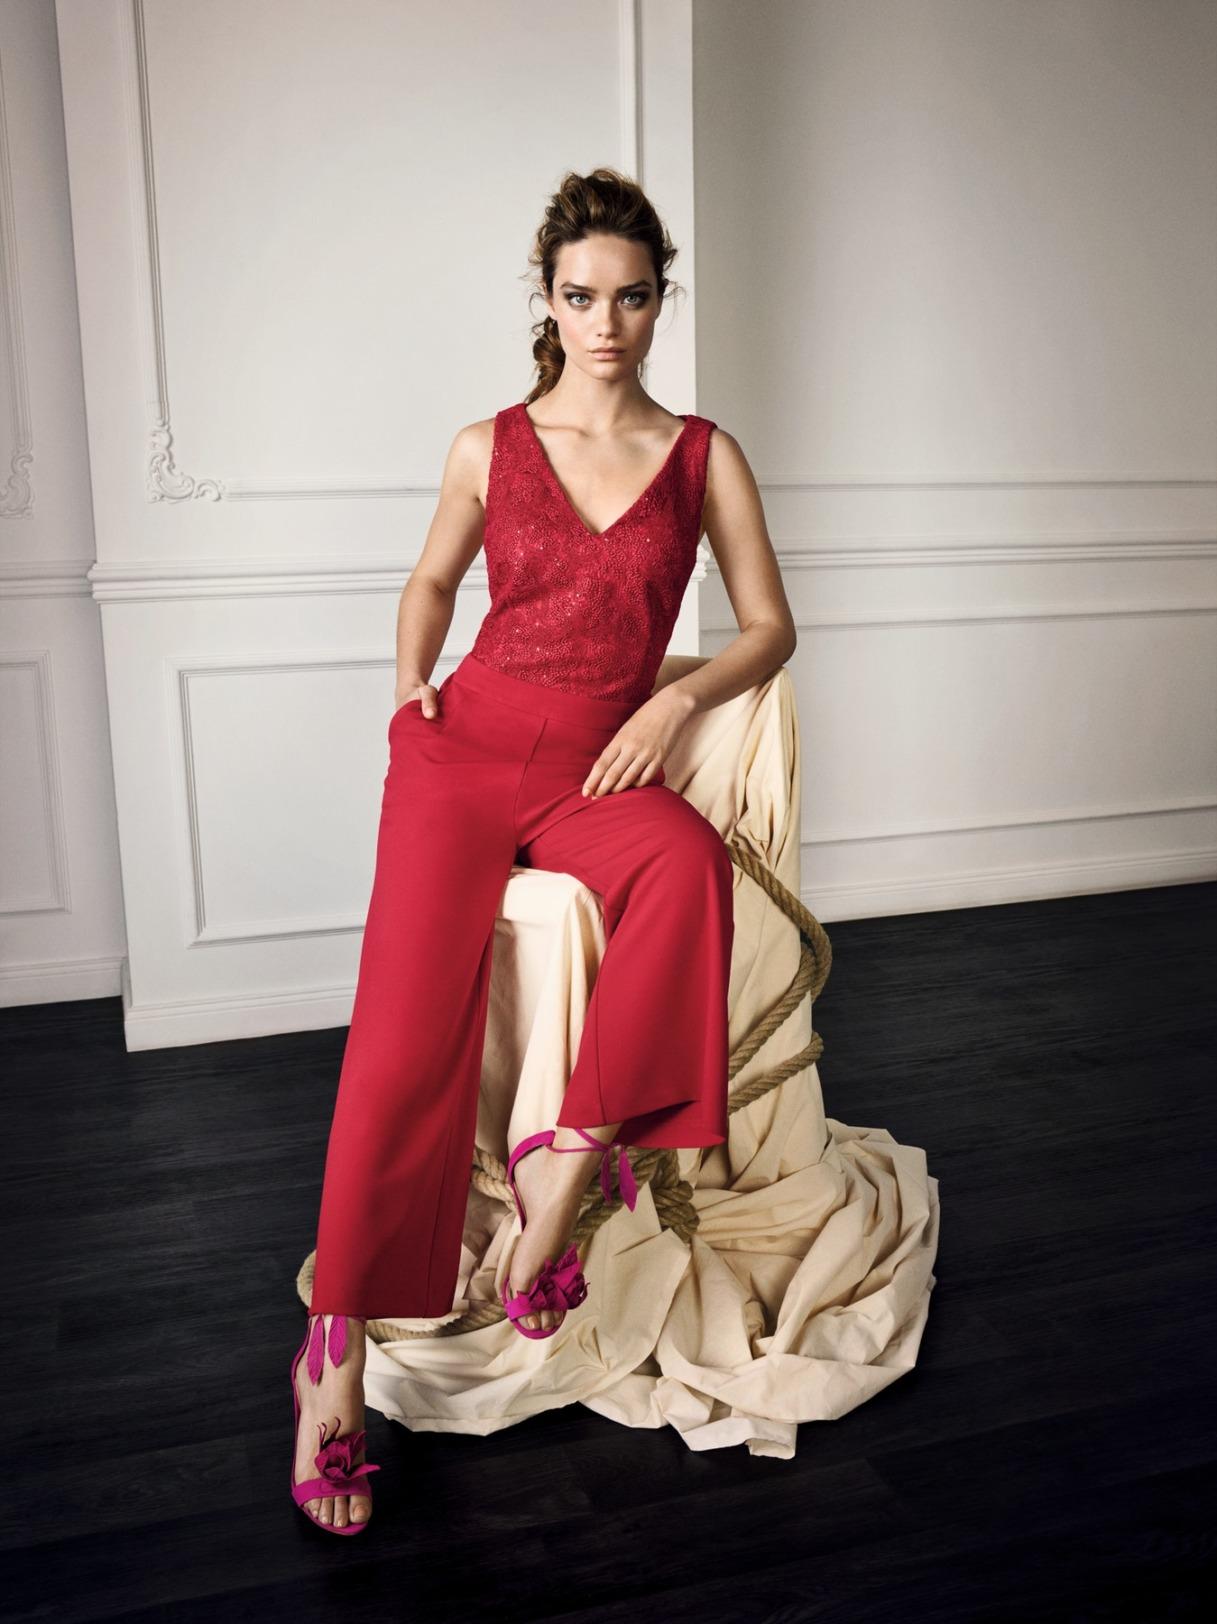 Vera Mont Hosenanzug Jumpsuit Anlass Konfirmation Mode Hochzeit Festmode Damen für Eltern mit V-Ausschnitt rot